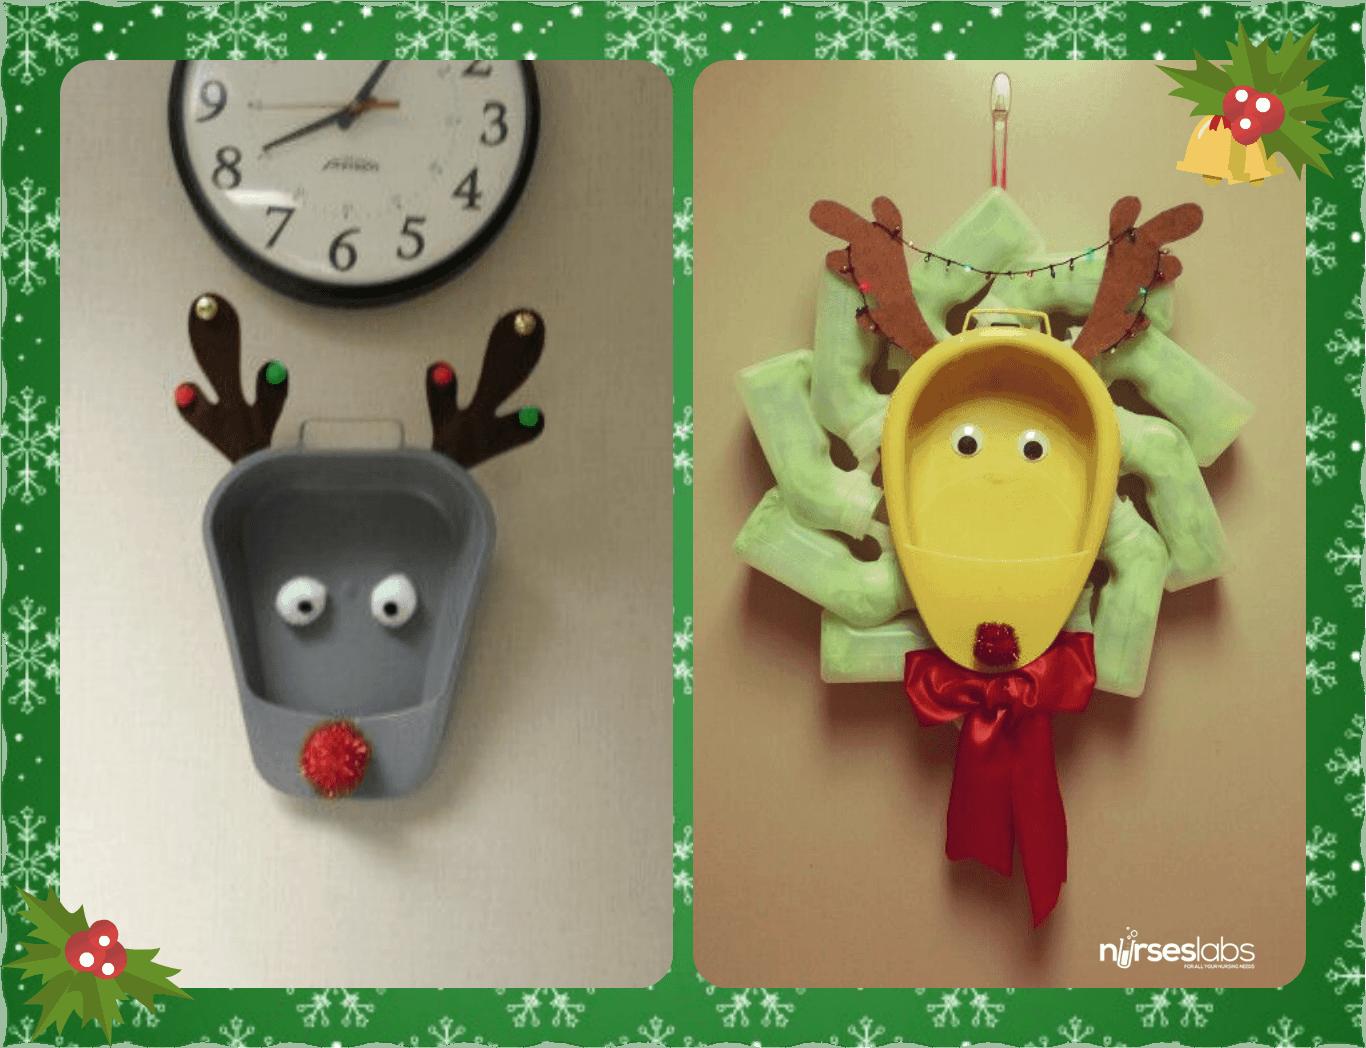 Nursing Reindeers for Christmas